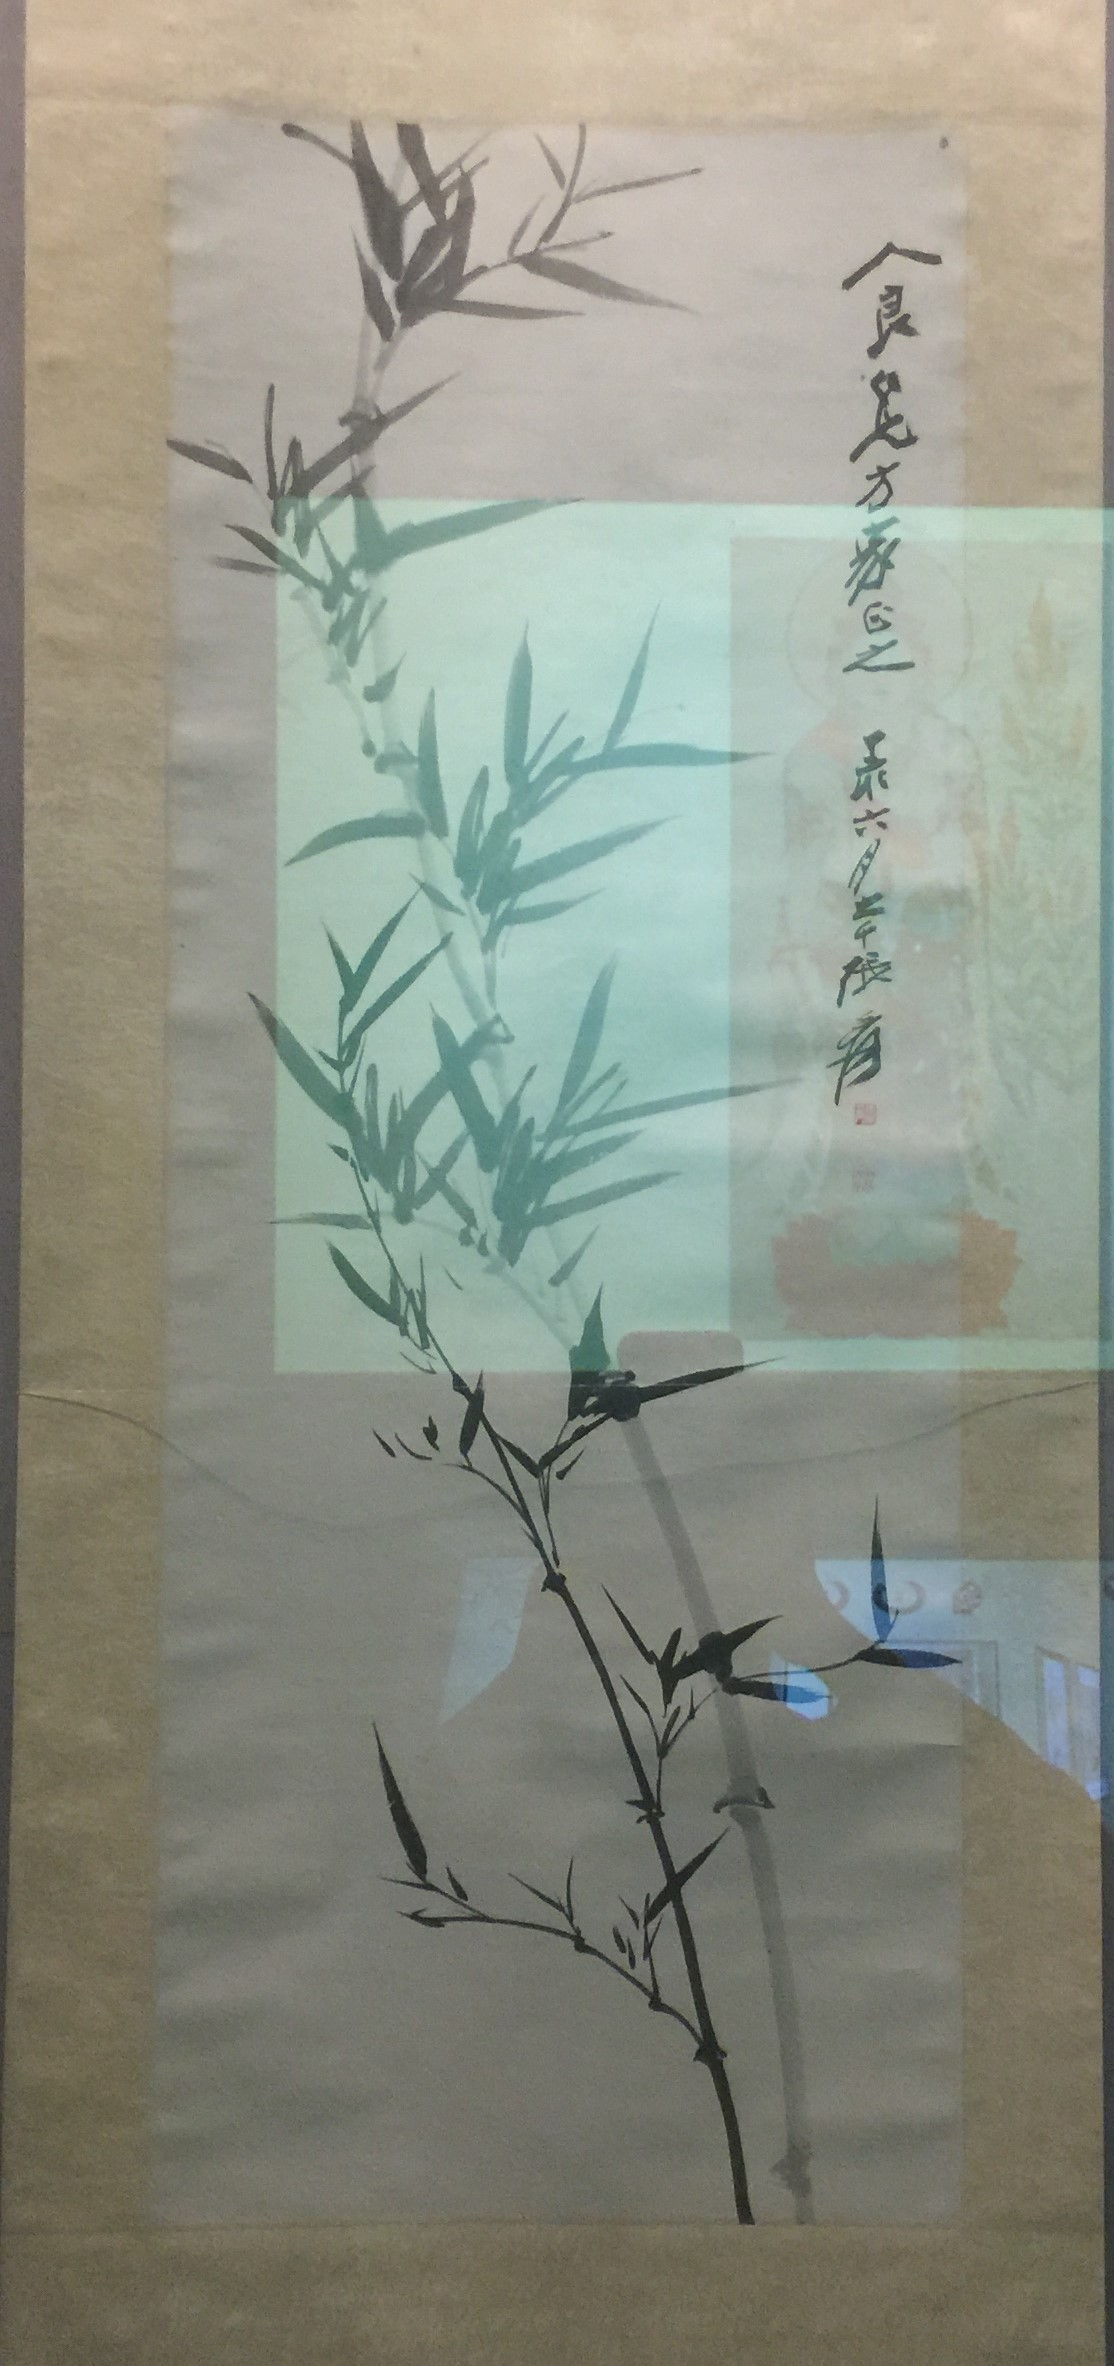 墨竹-張大千芸術館-四川博物院-成都